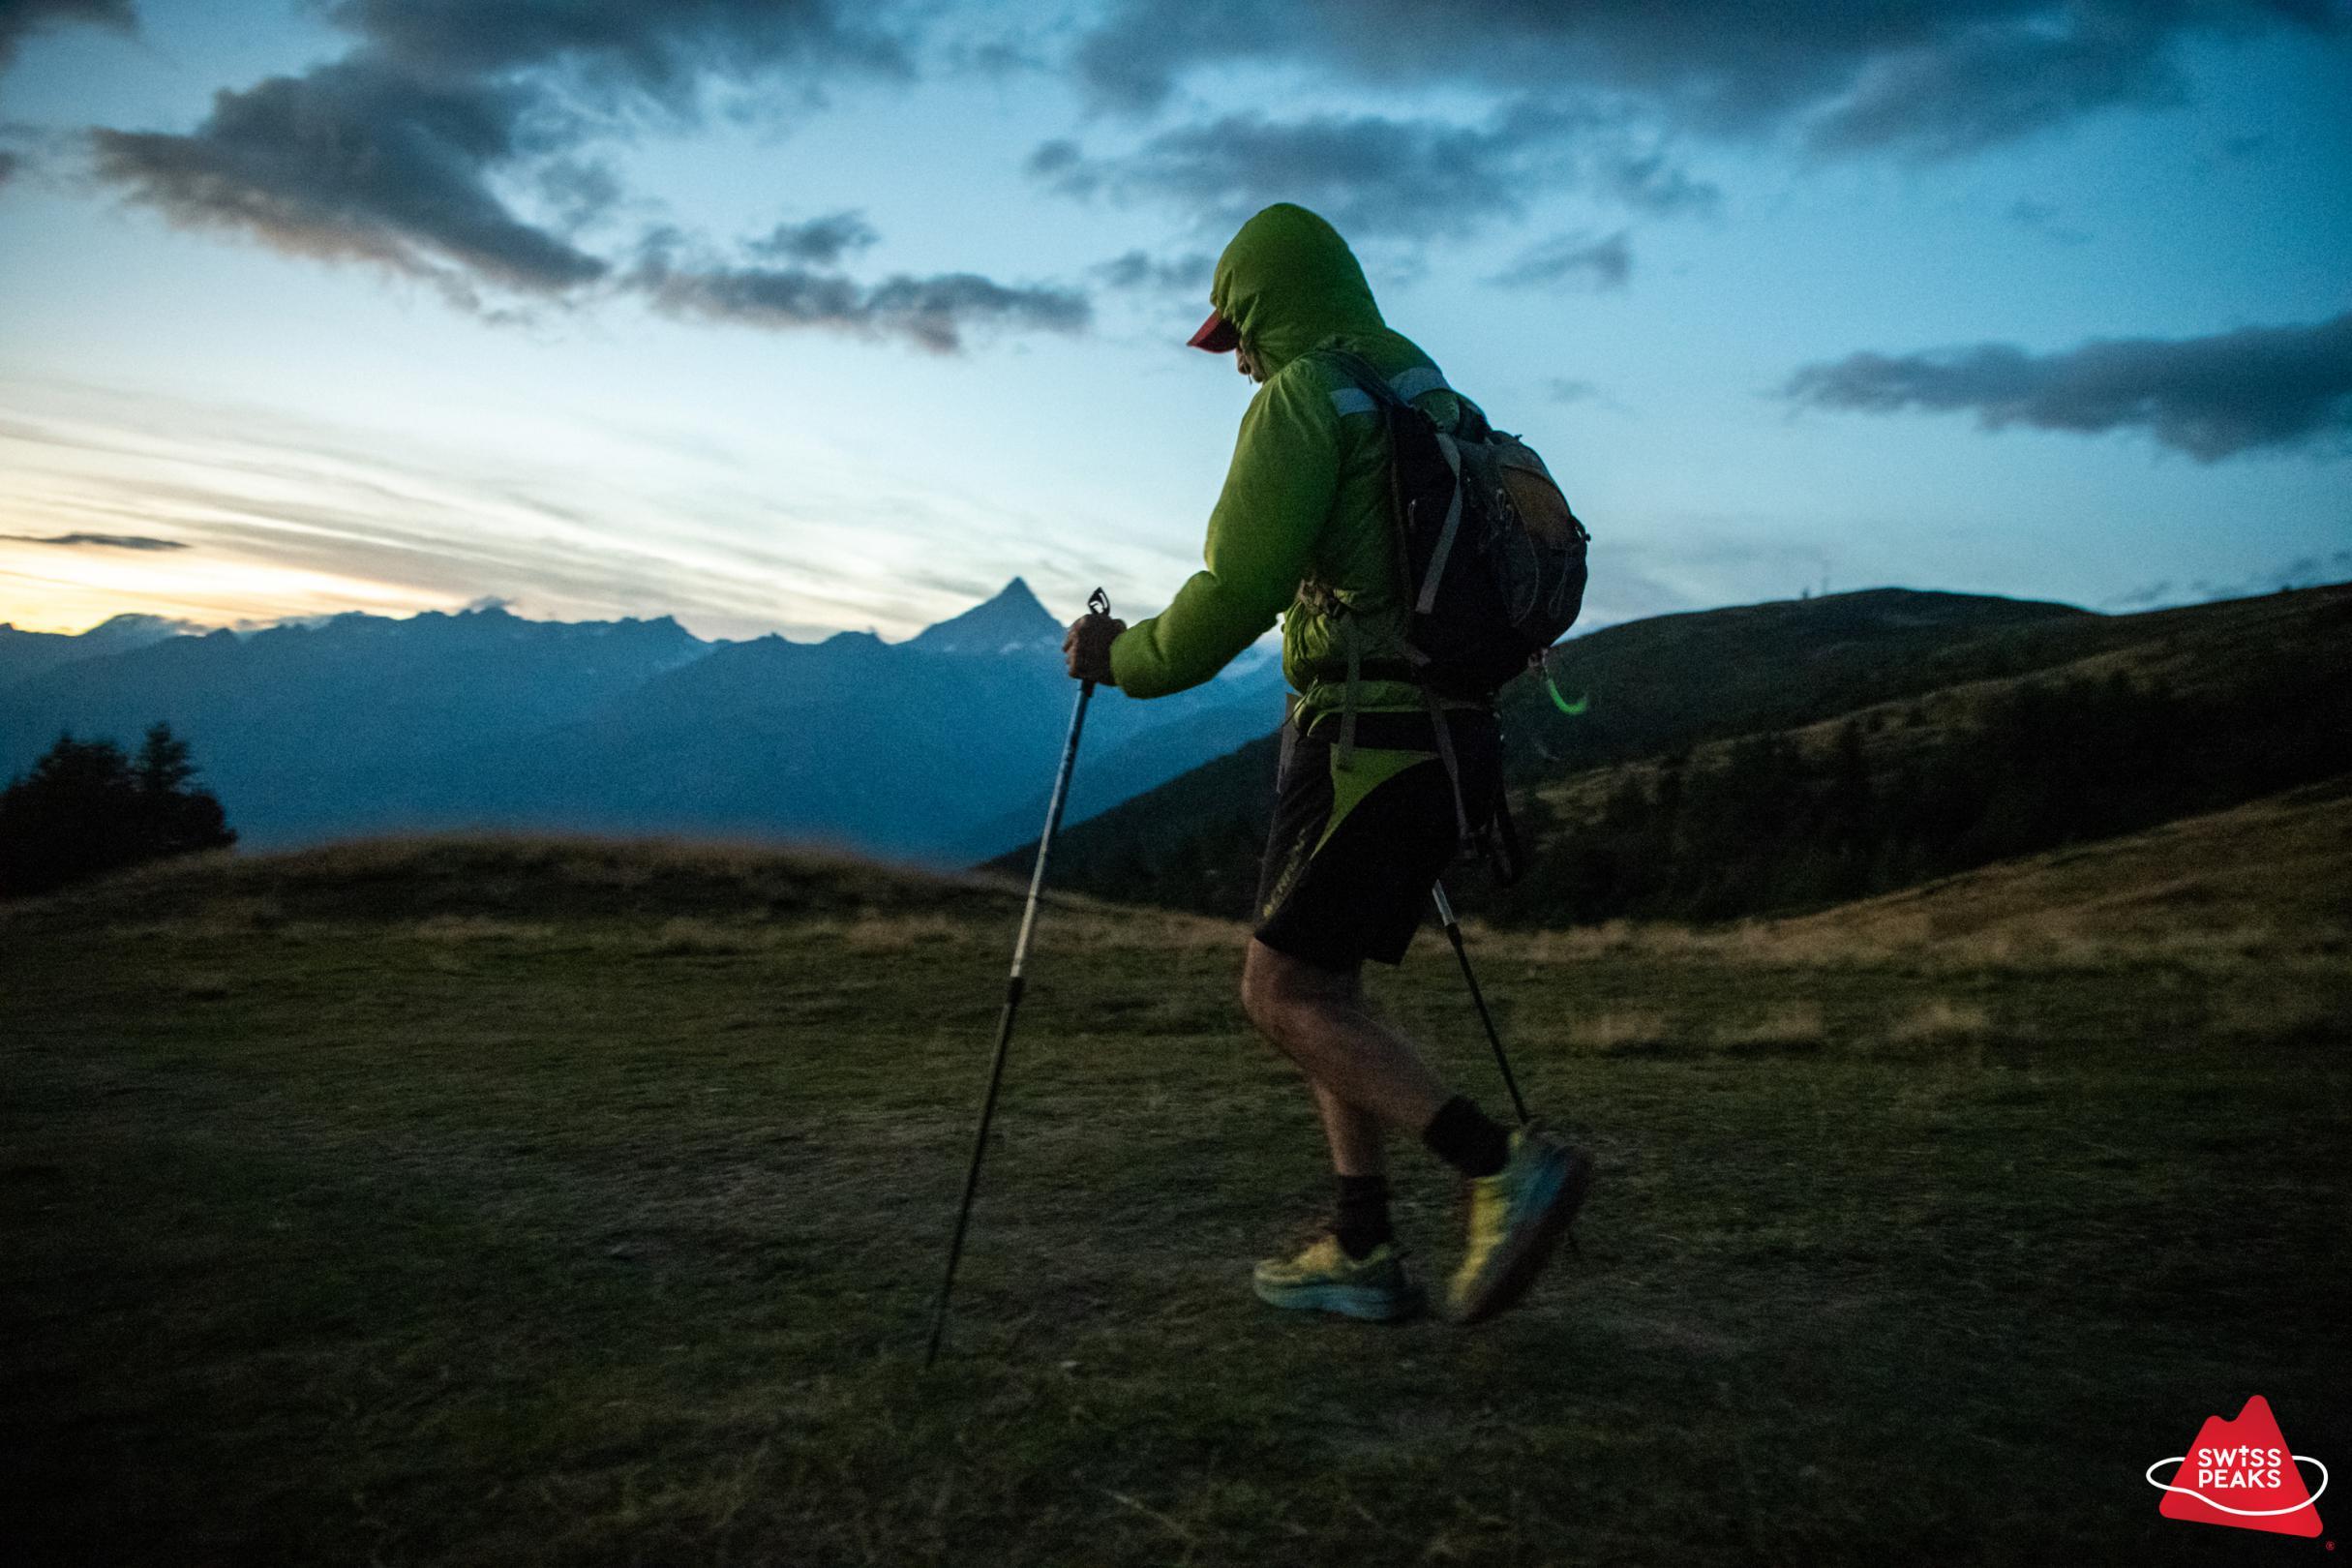 SwissPeaks Trail_Coureur sunset.jpg